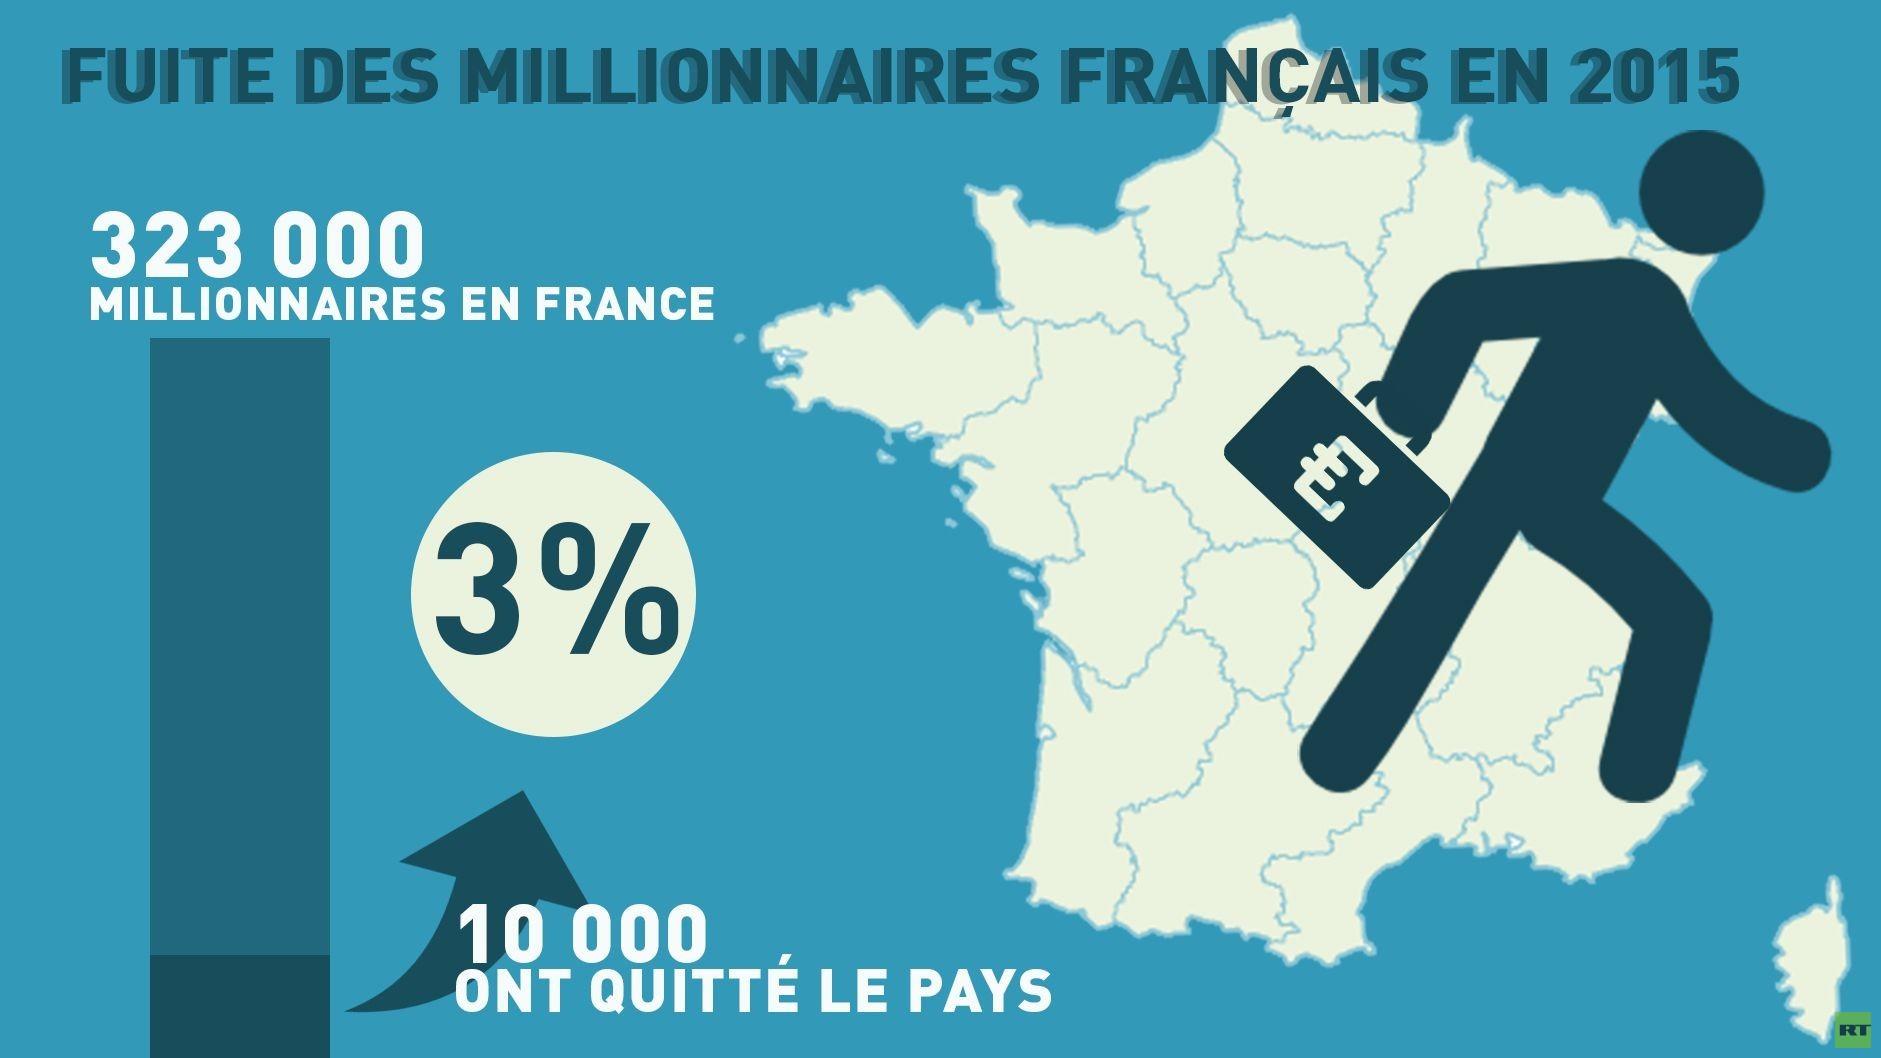 Les millionnaires français quittent leur pays... pour Israël, en grande partie